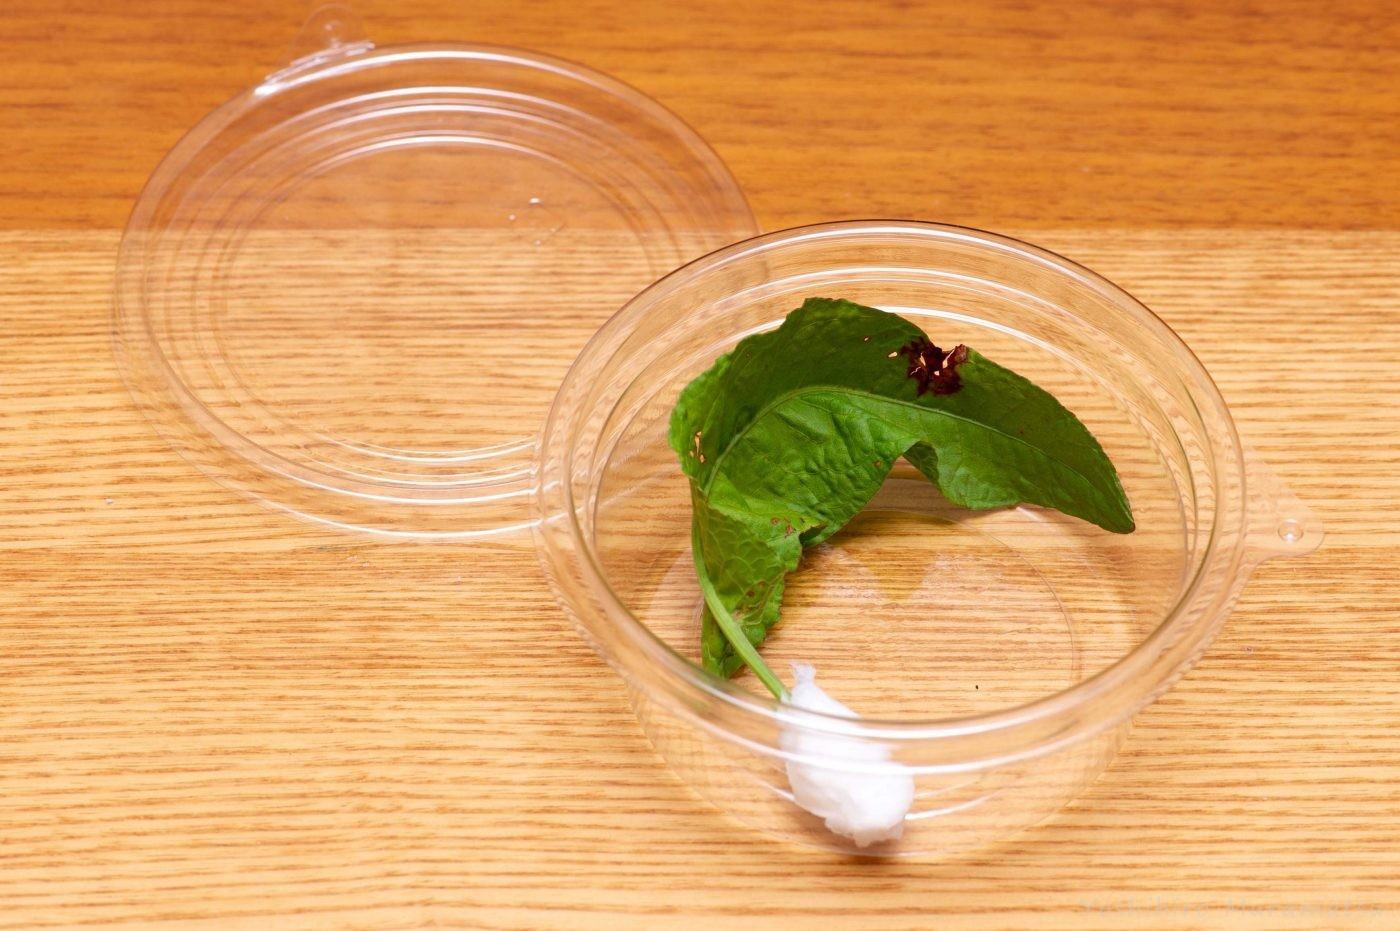 ベニシジミの幼虫 ケース